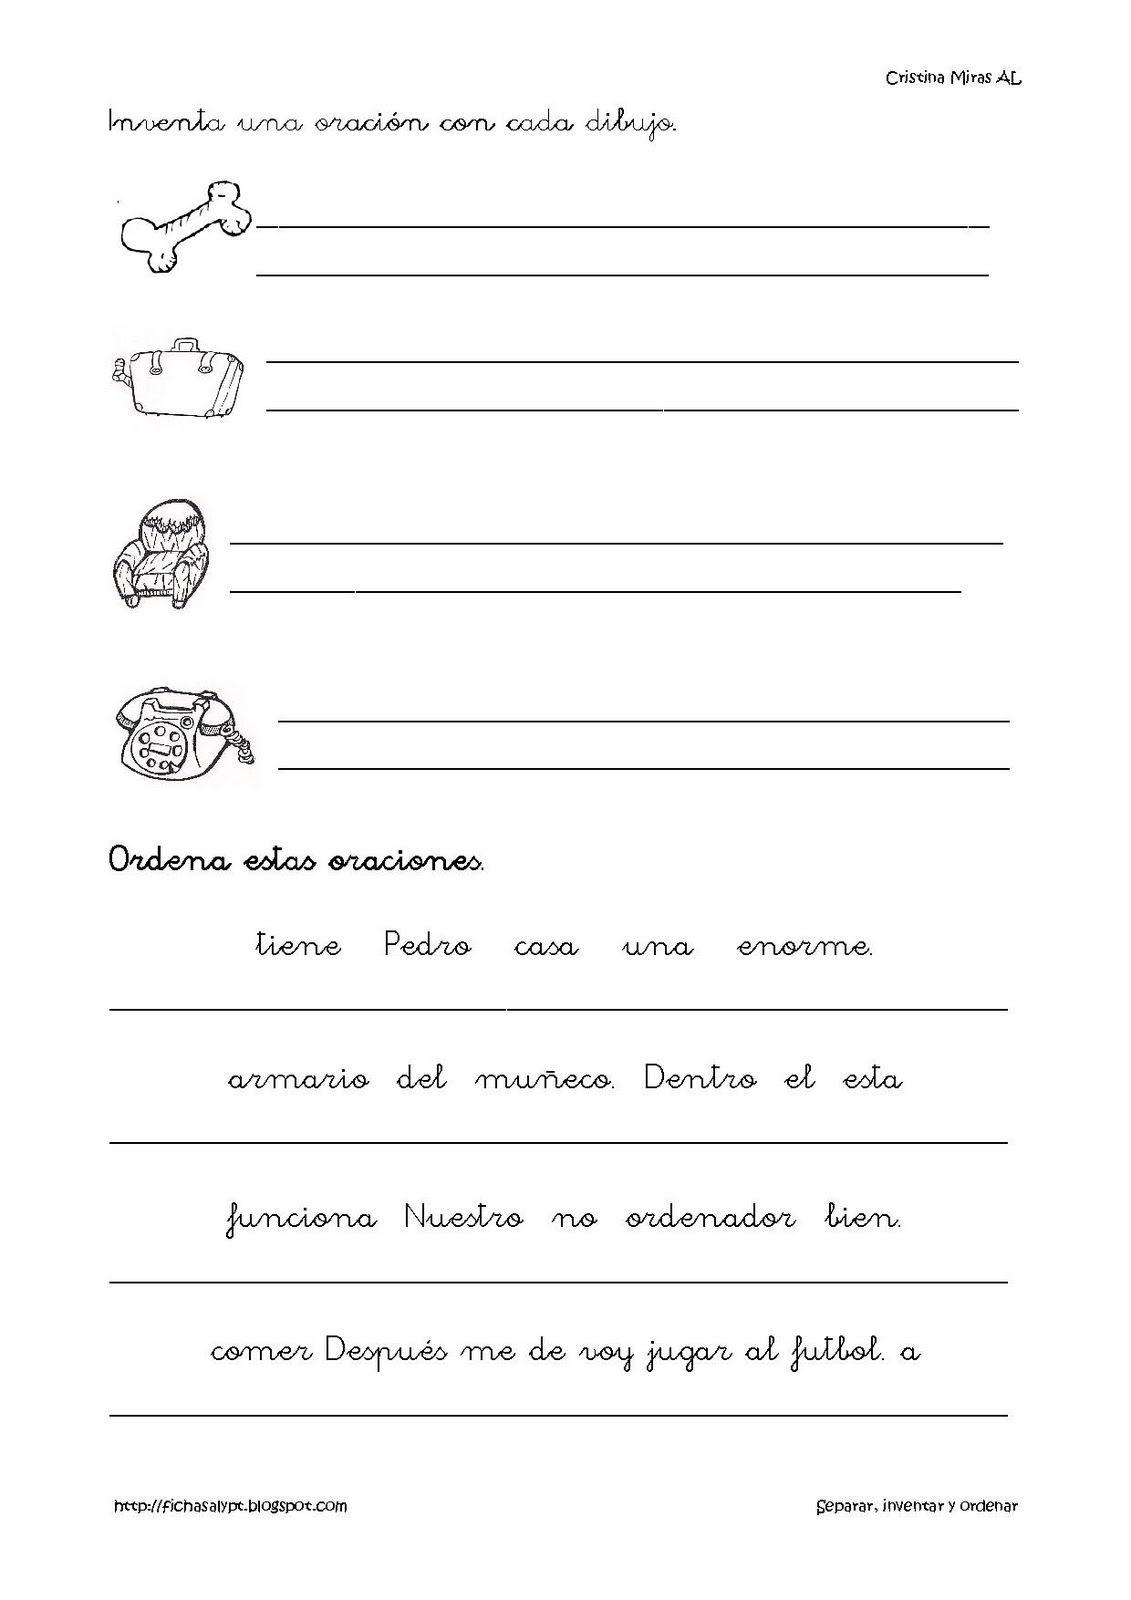 Recursos Y Materiales Imprimibles Para Alumnos De Al Pt